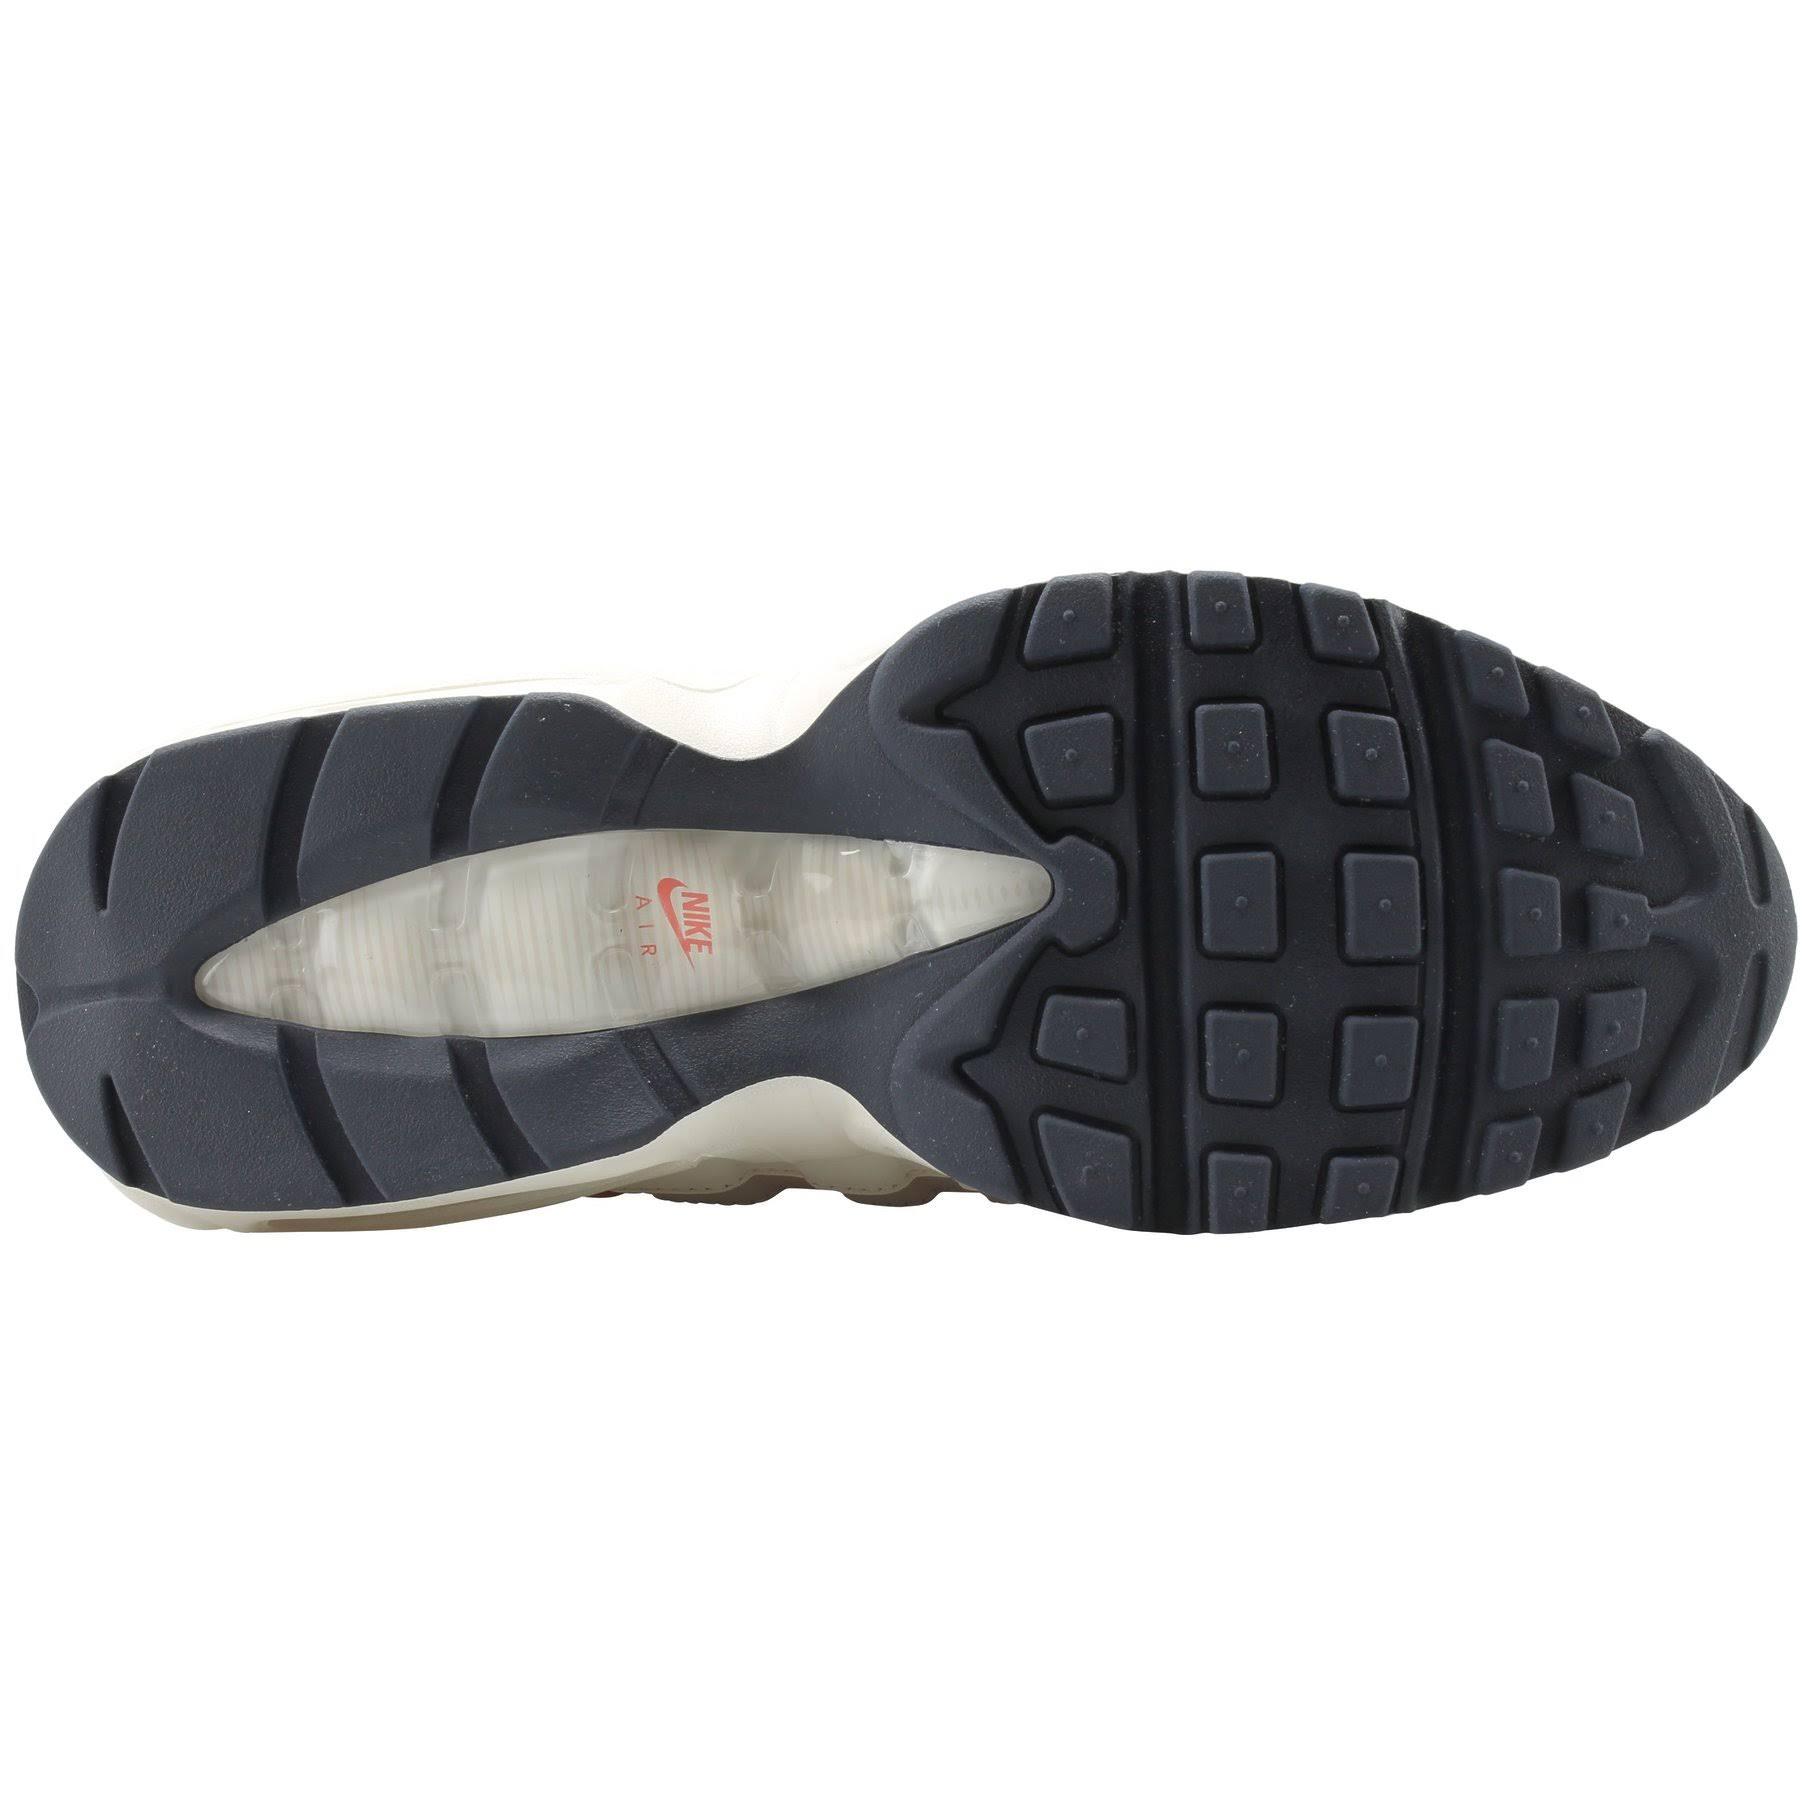 95 13 Zapatos Air Para Tamaño Hombre Max Nike 749766108 qESaxzcx